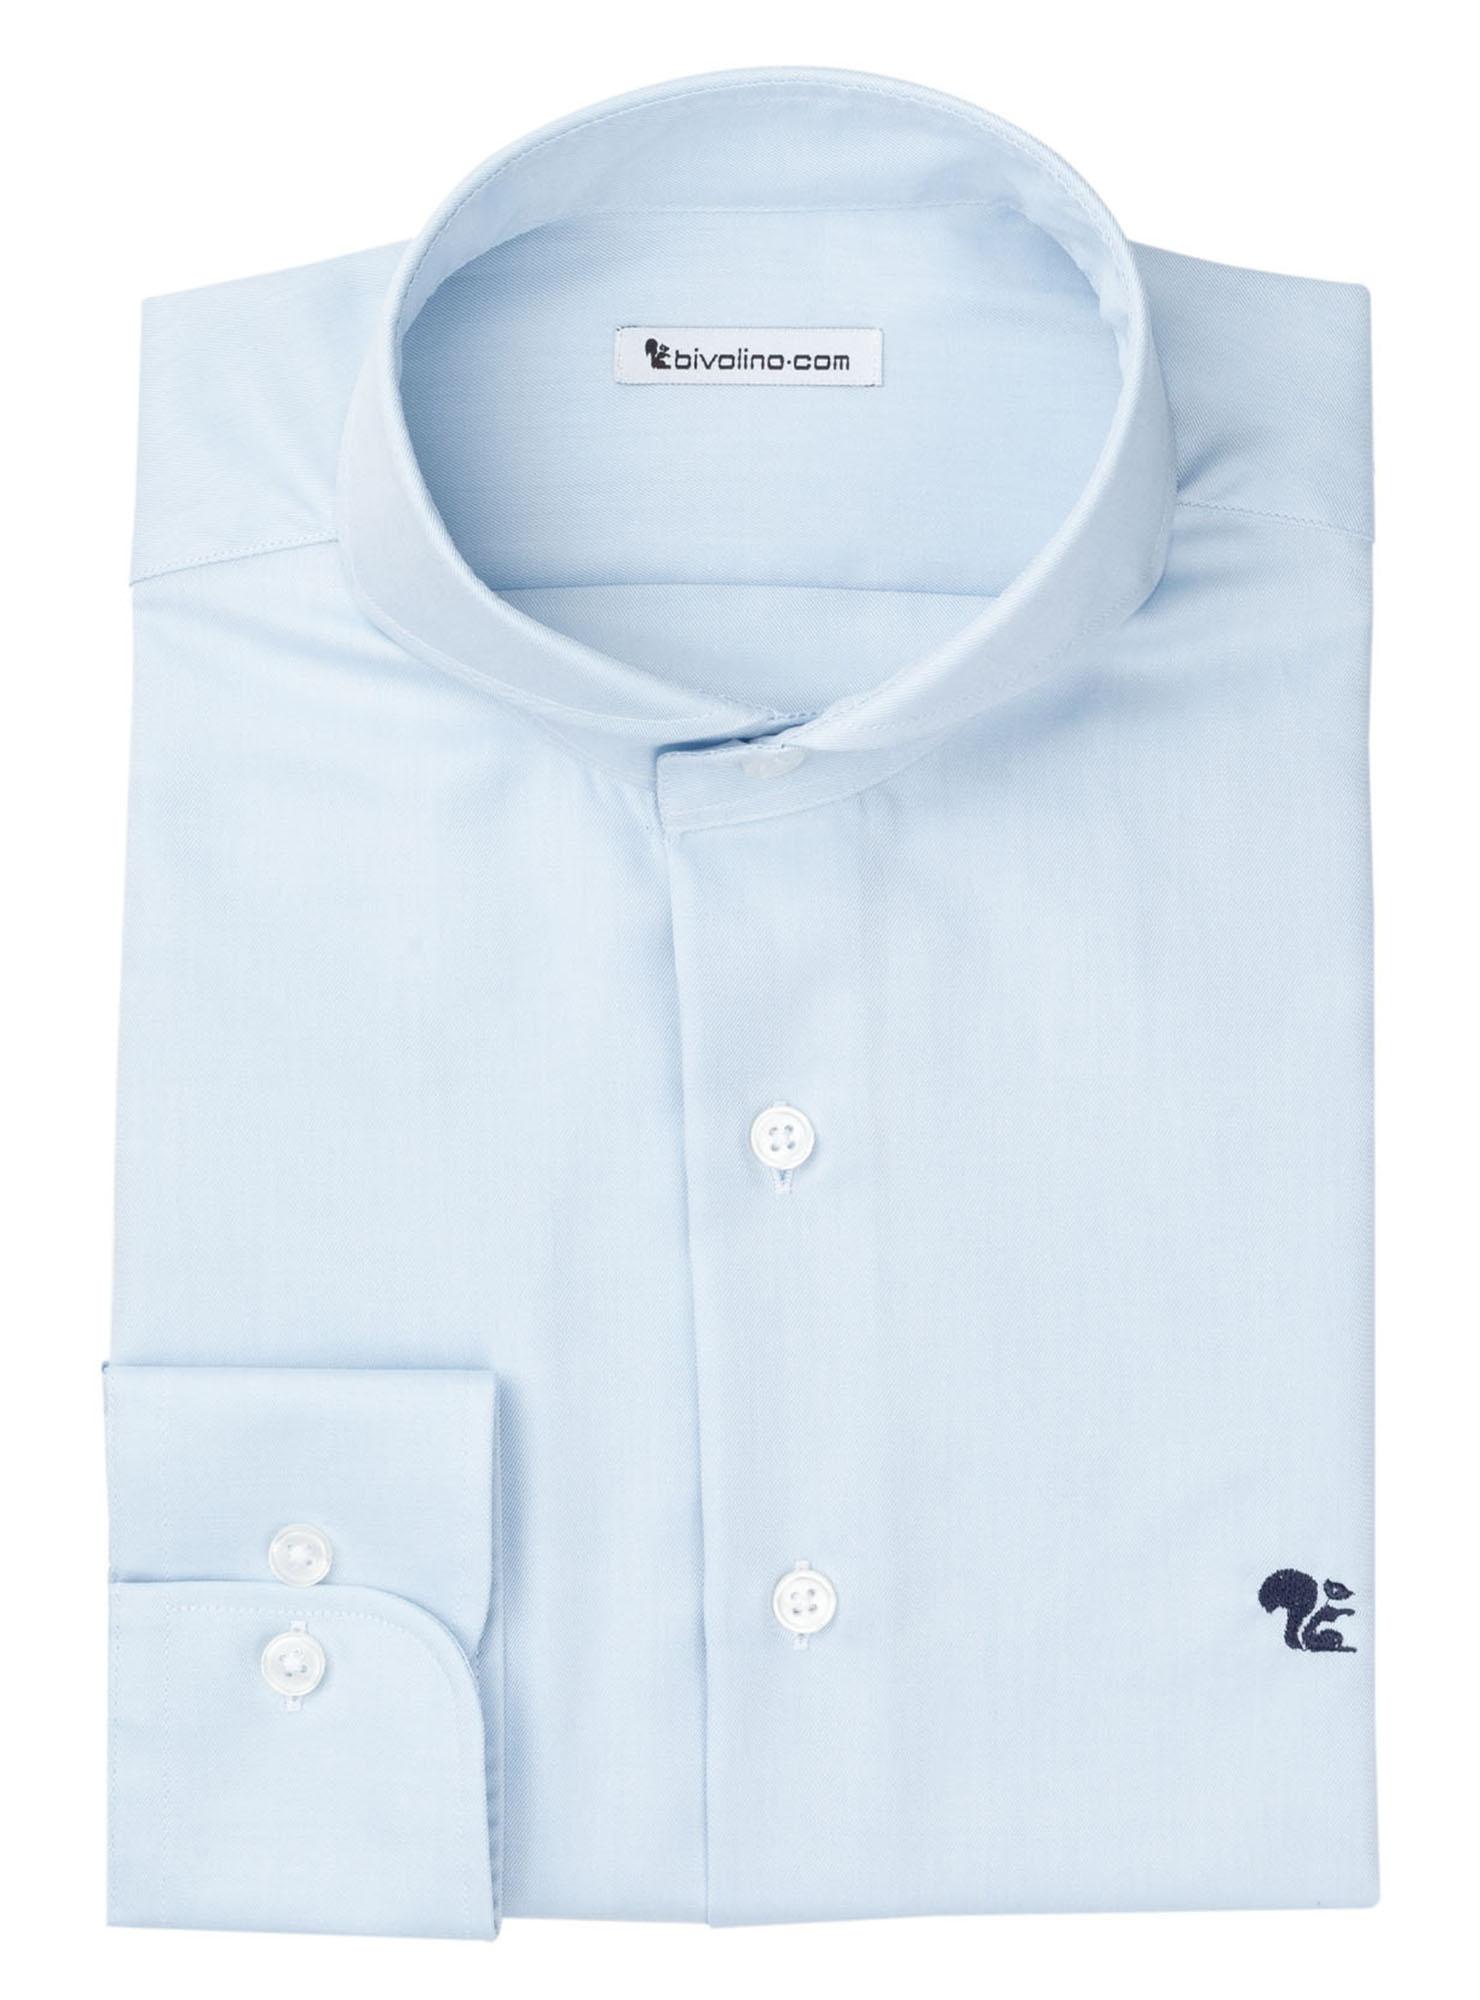 REGGIMILIA - chemise homme coton déperlant anti-tâches - INDUO 8